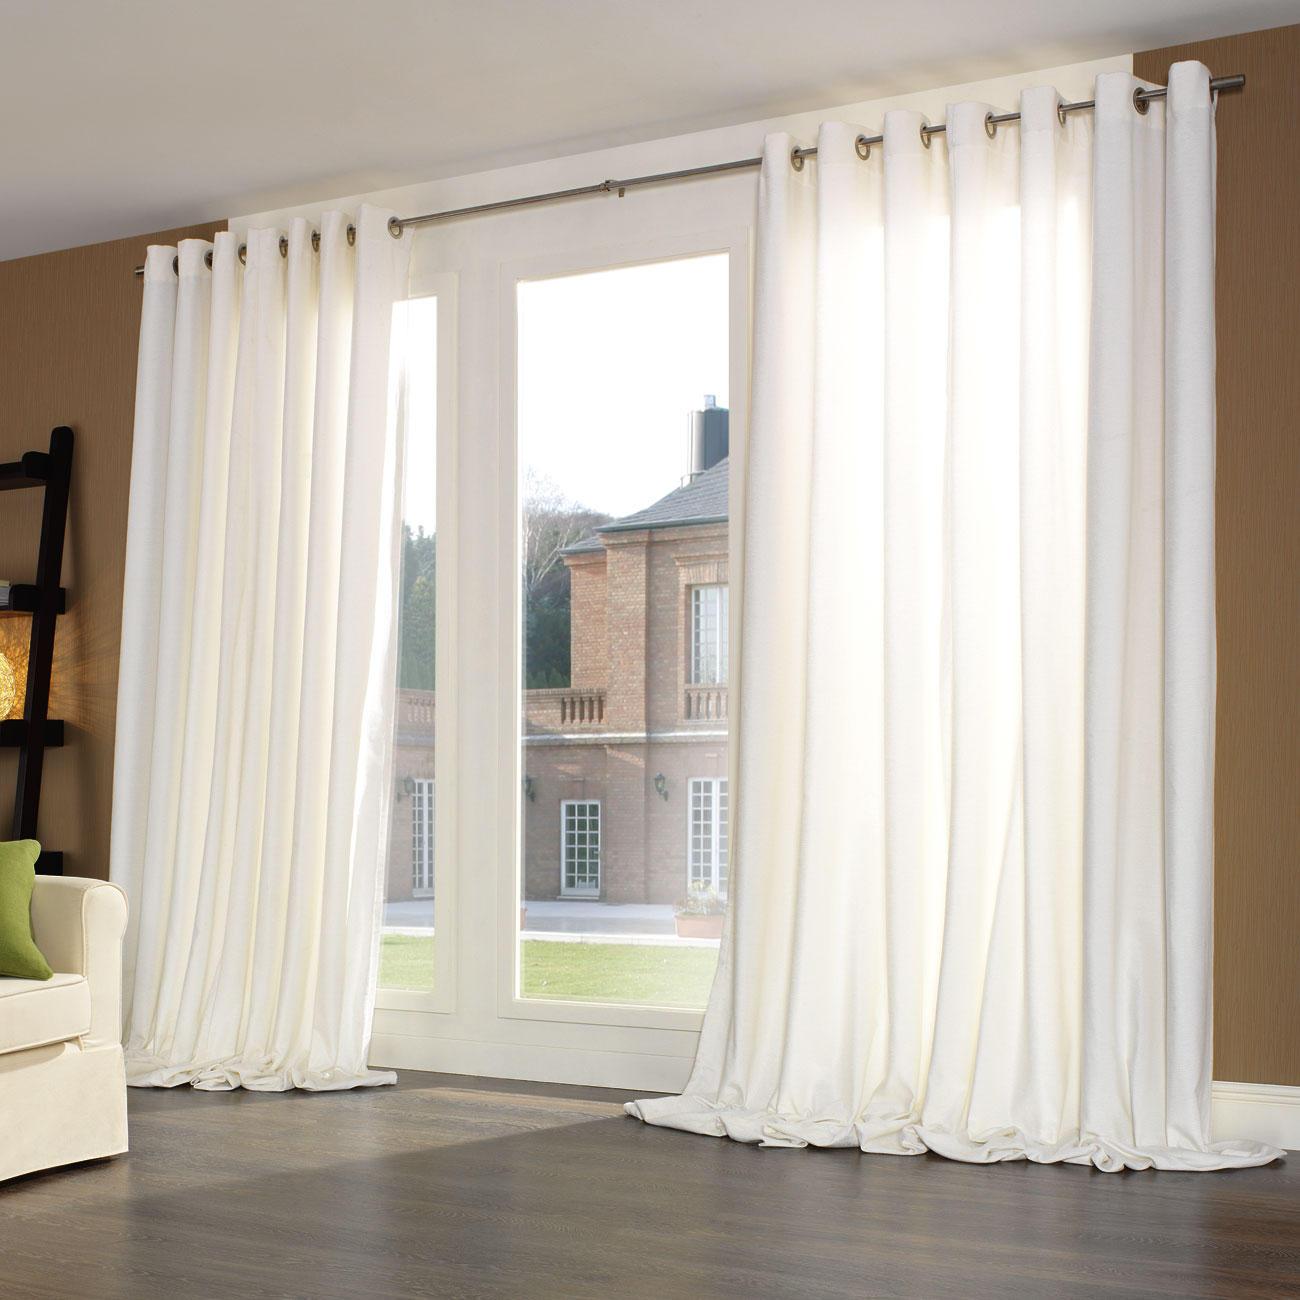 vorhang silent je 1 vorhang mit 3 jahren garantie. Black Bedroom Furniture Sets. Home Design Ideas